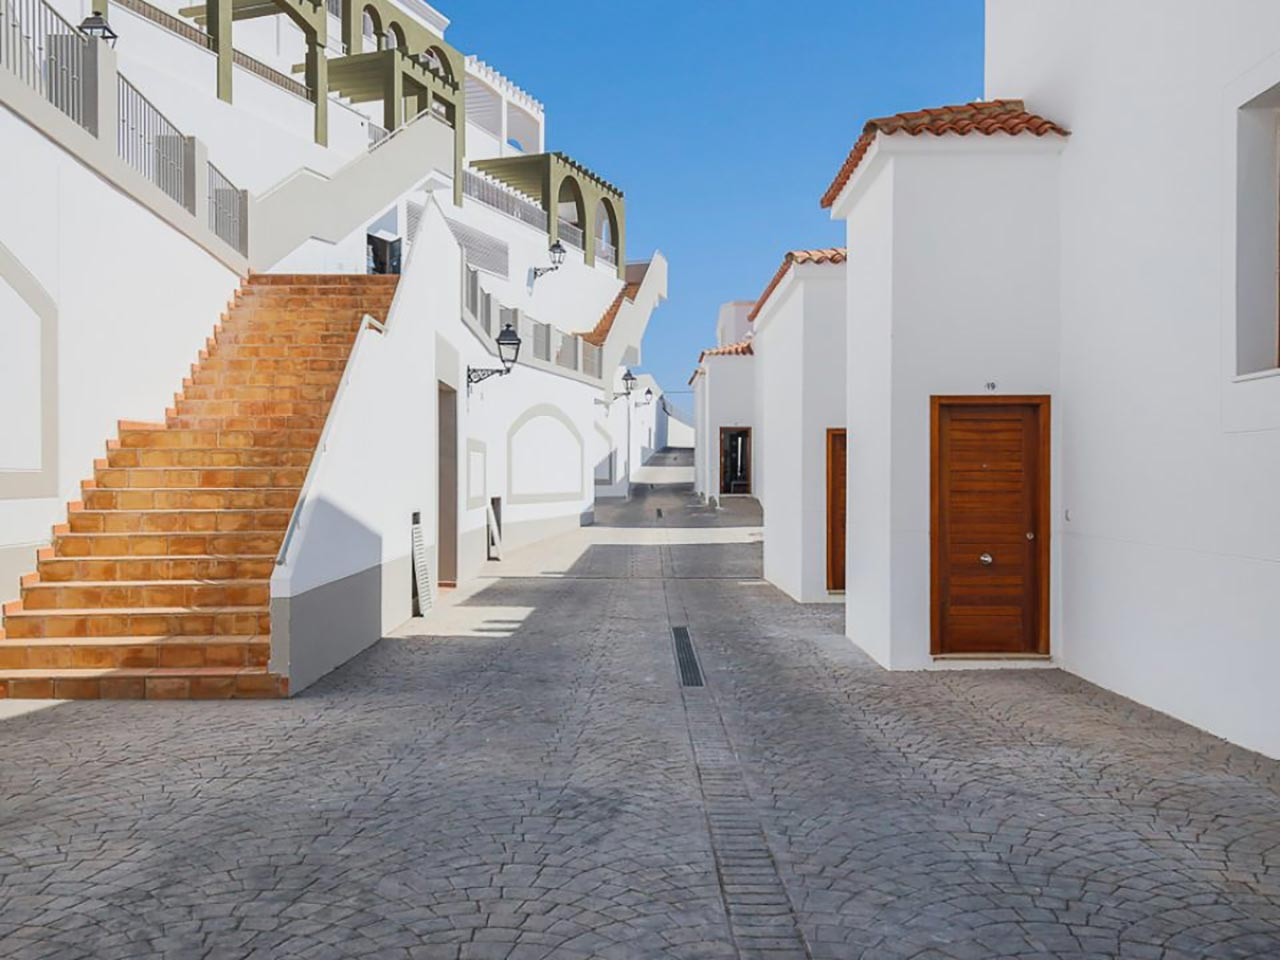 Фотогалерея Апартаменты в Валенсия, 2+1